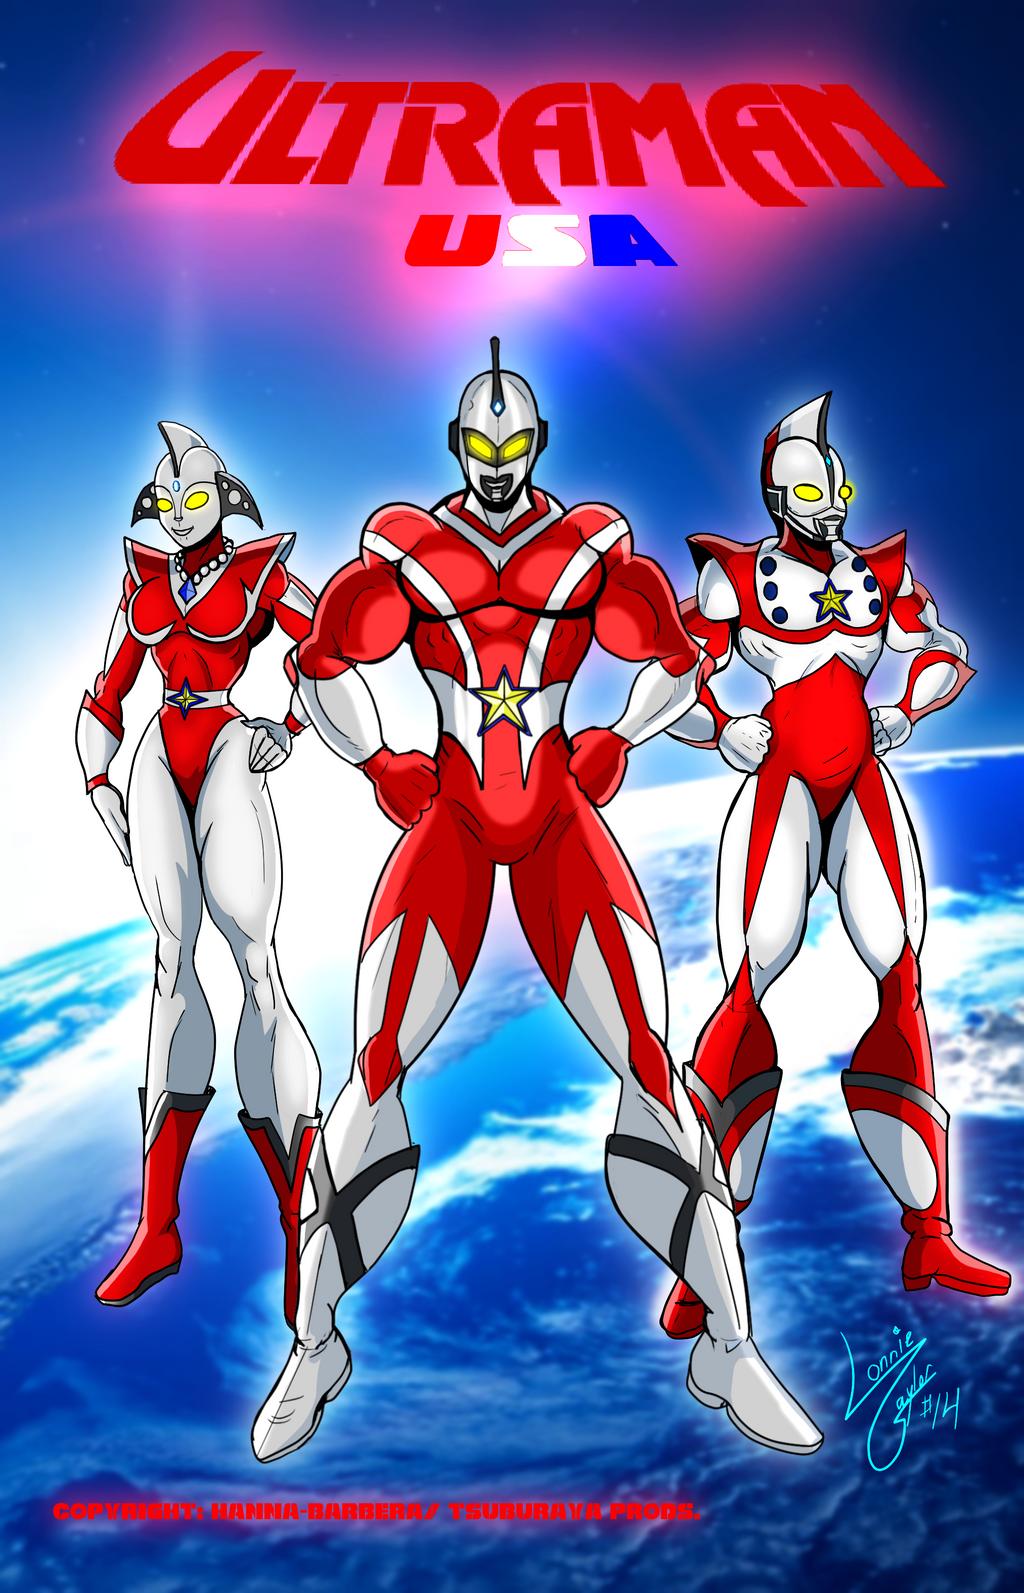 Ultraman U.S.A. by Lonzo1